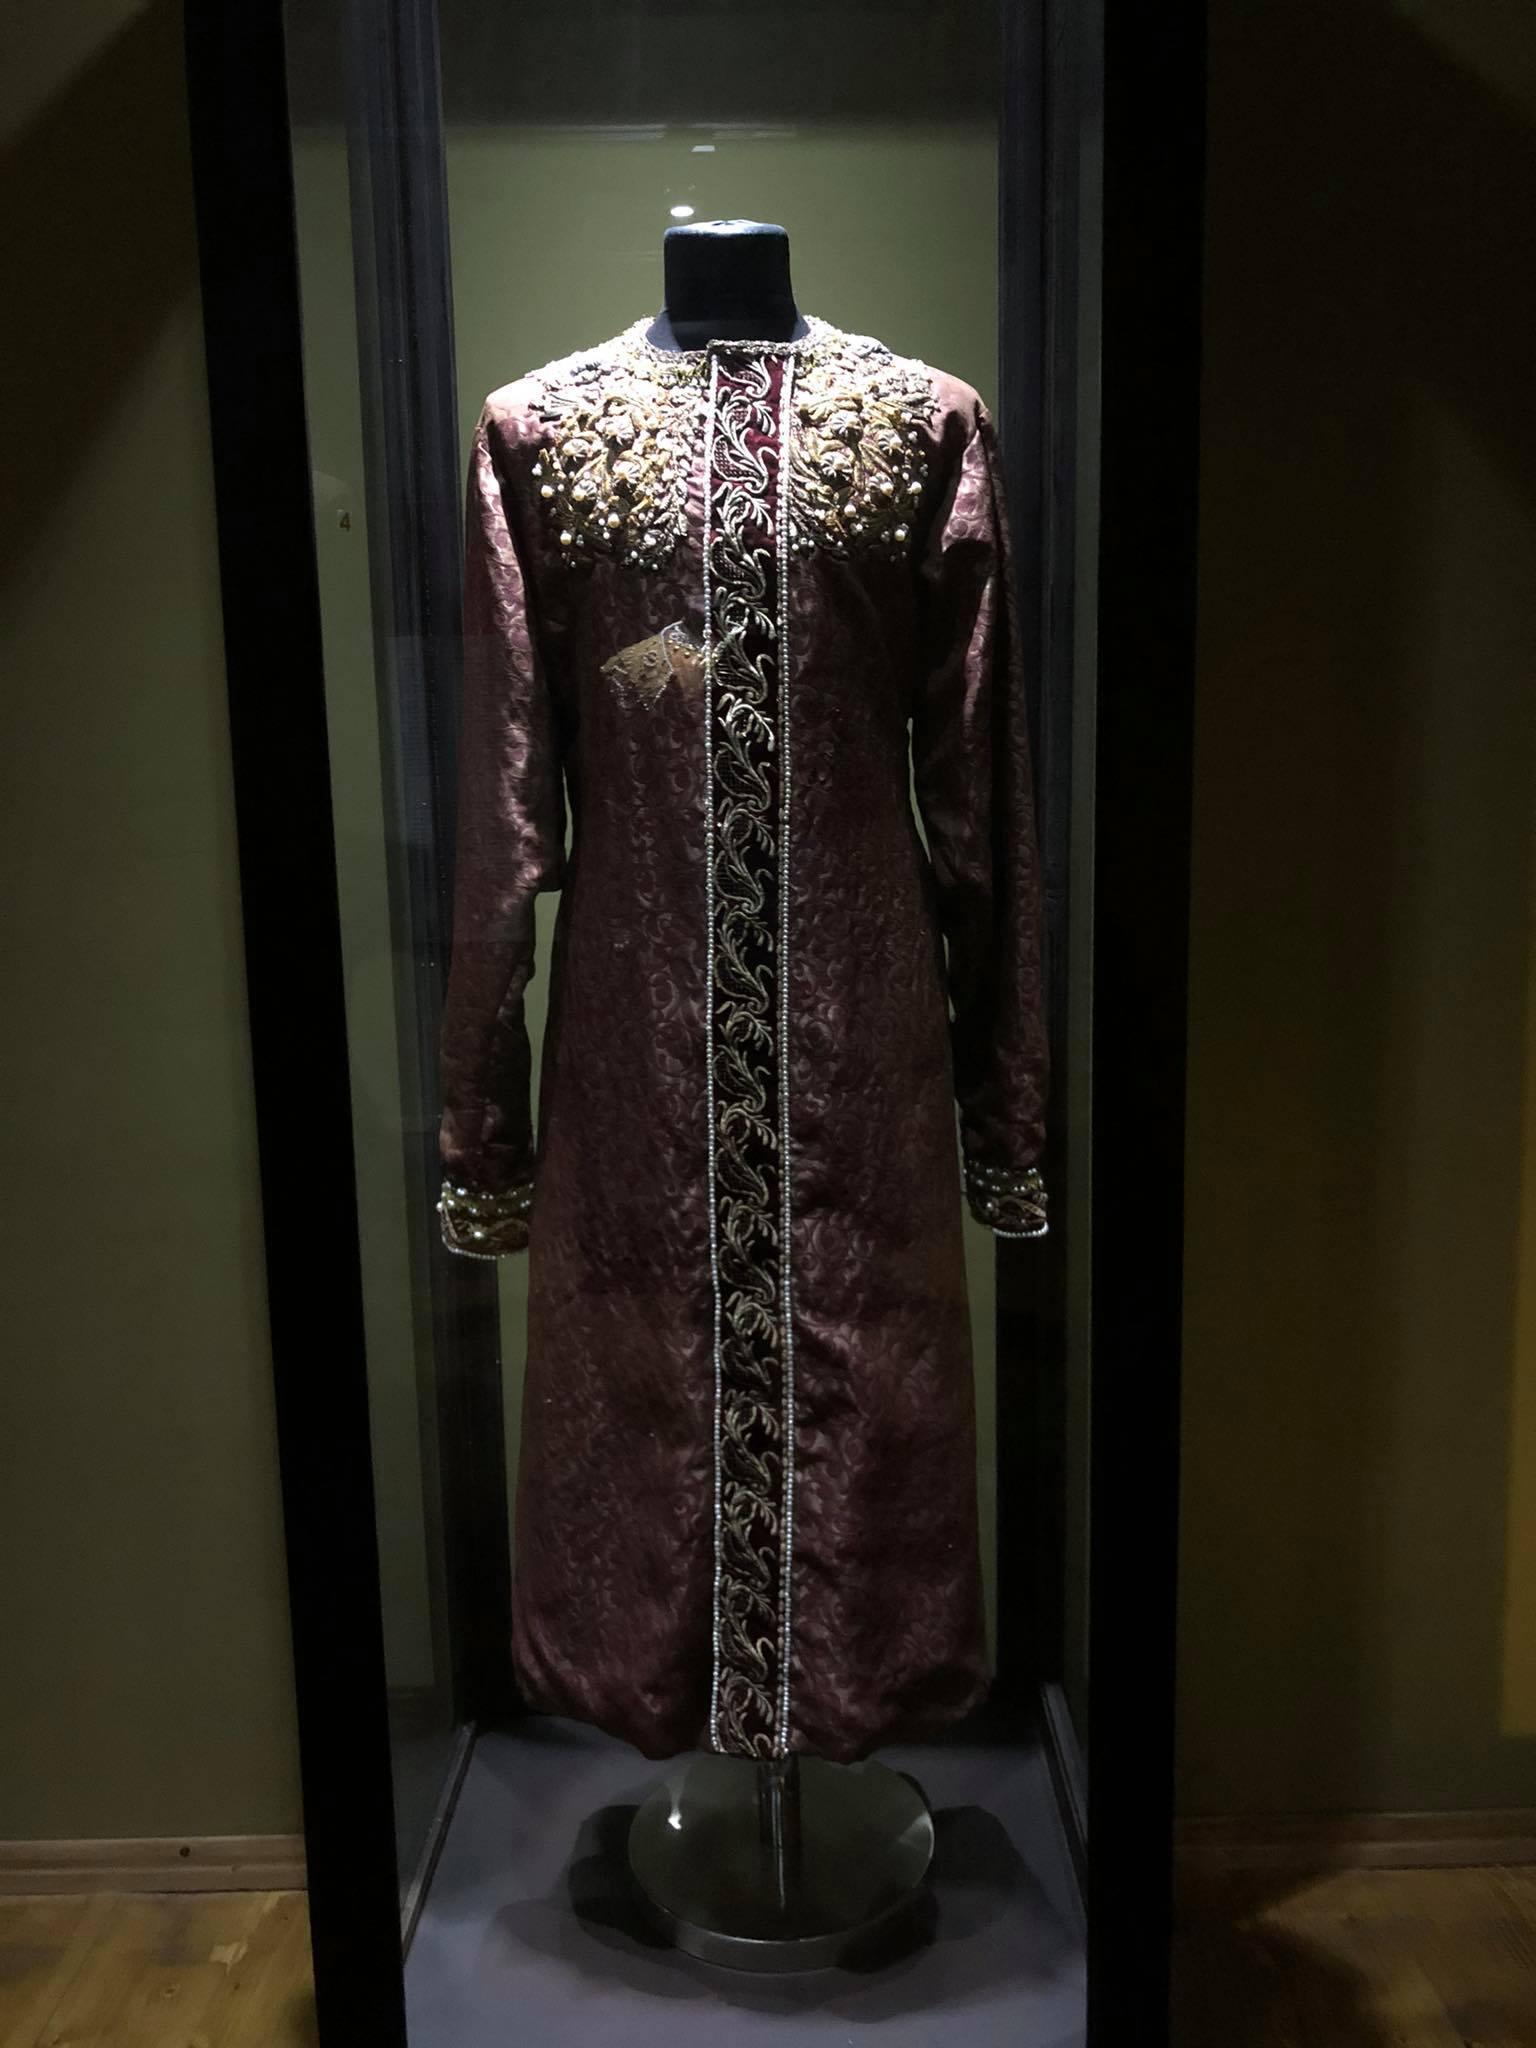 187696622 304535518017359 4582081056542738397 n Другая SOVA featured, Георгий Каландия, Дворец искусств, мода, национальный костюм, чоха